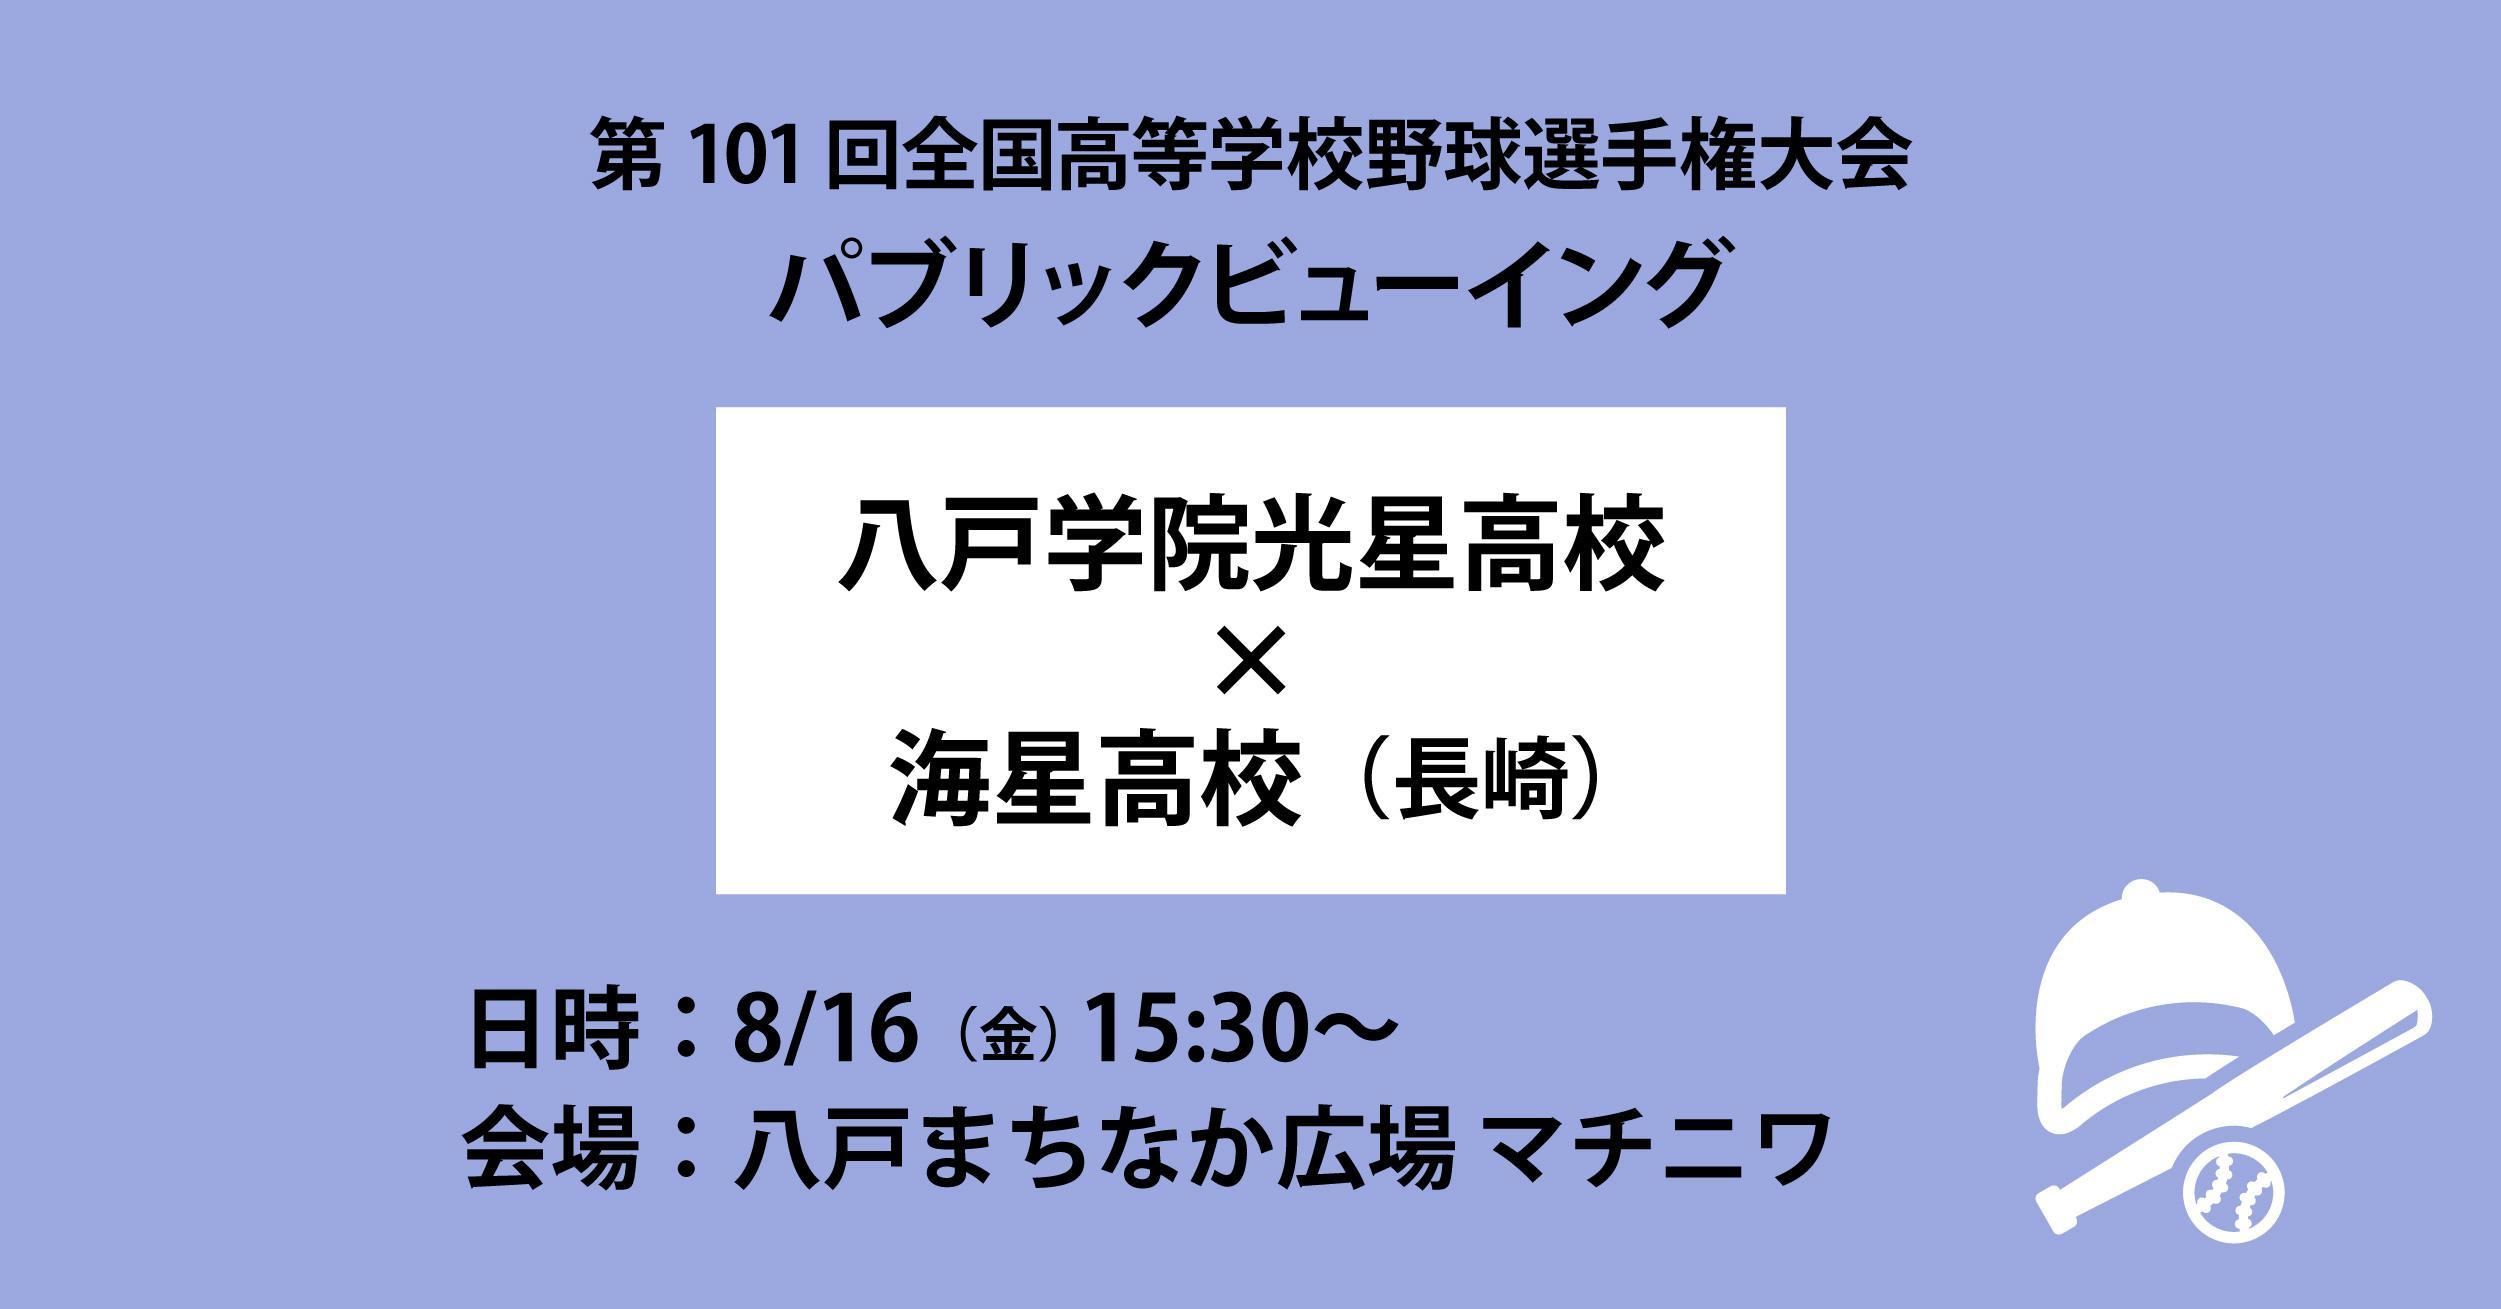 FB用バナー3回戦-01.jpg